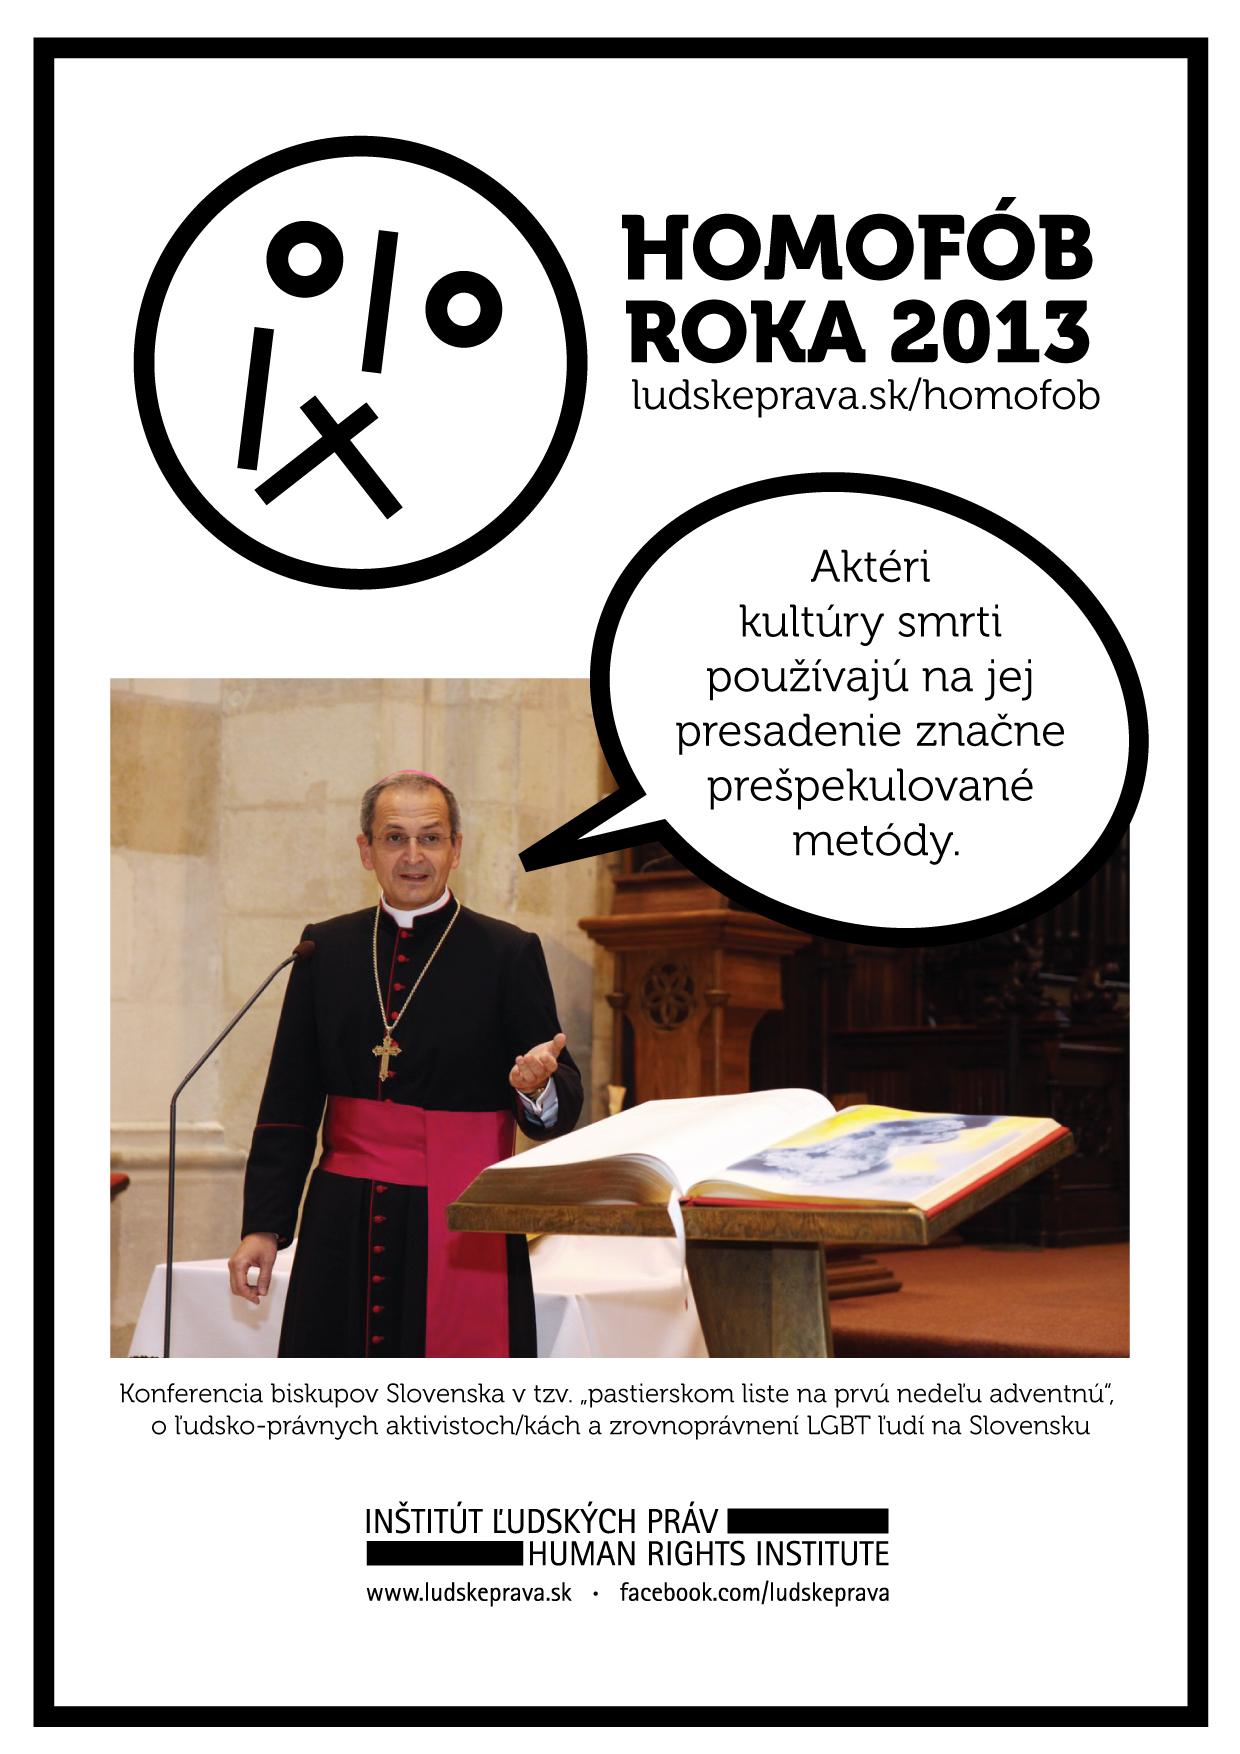 homofob roka 2013